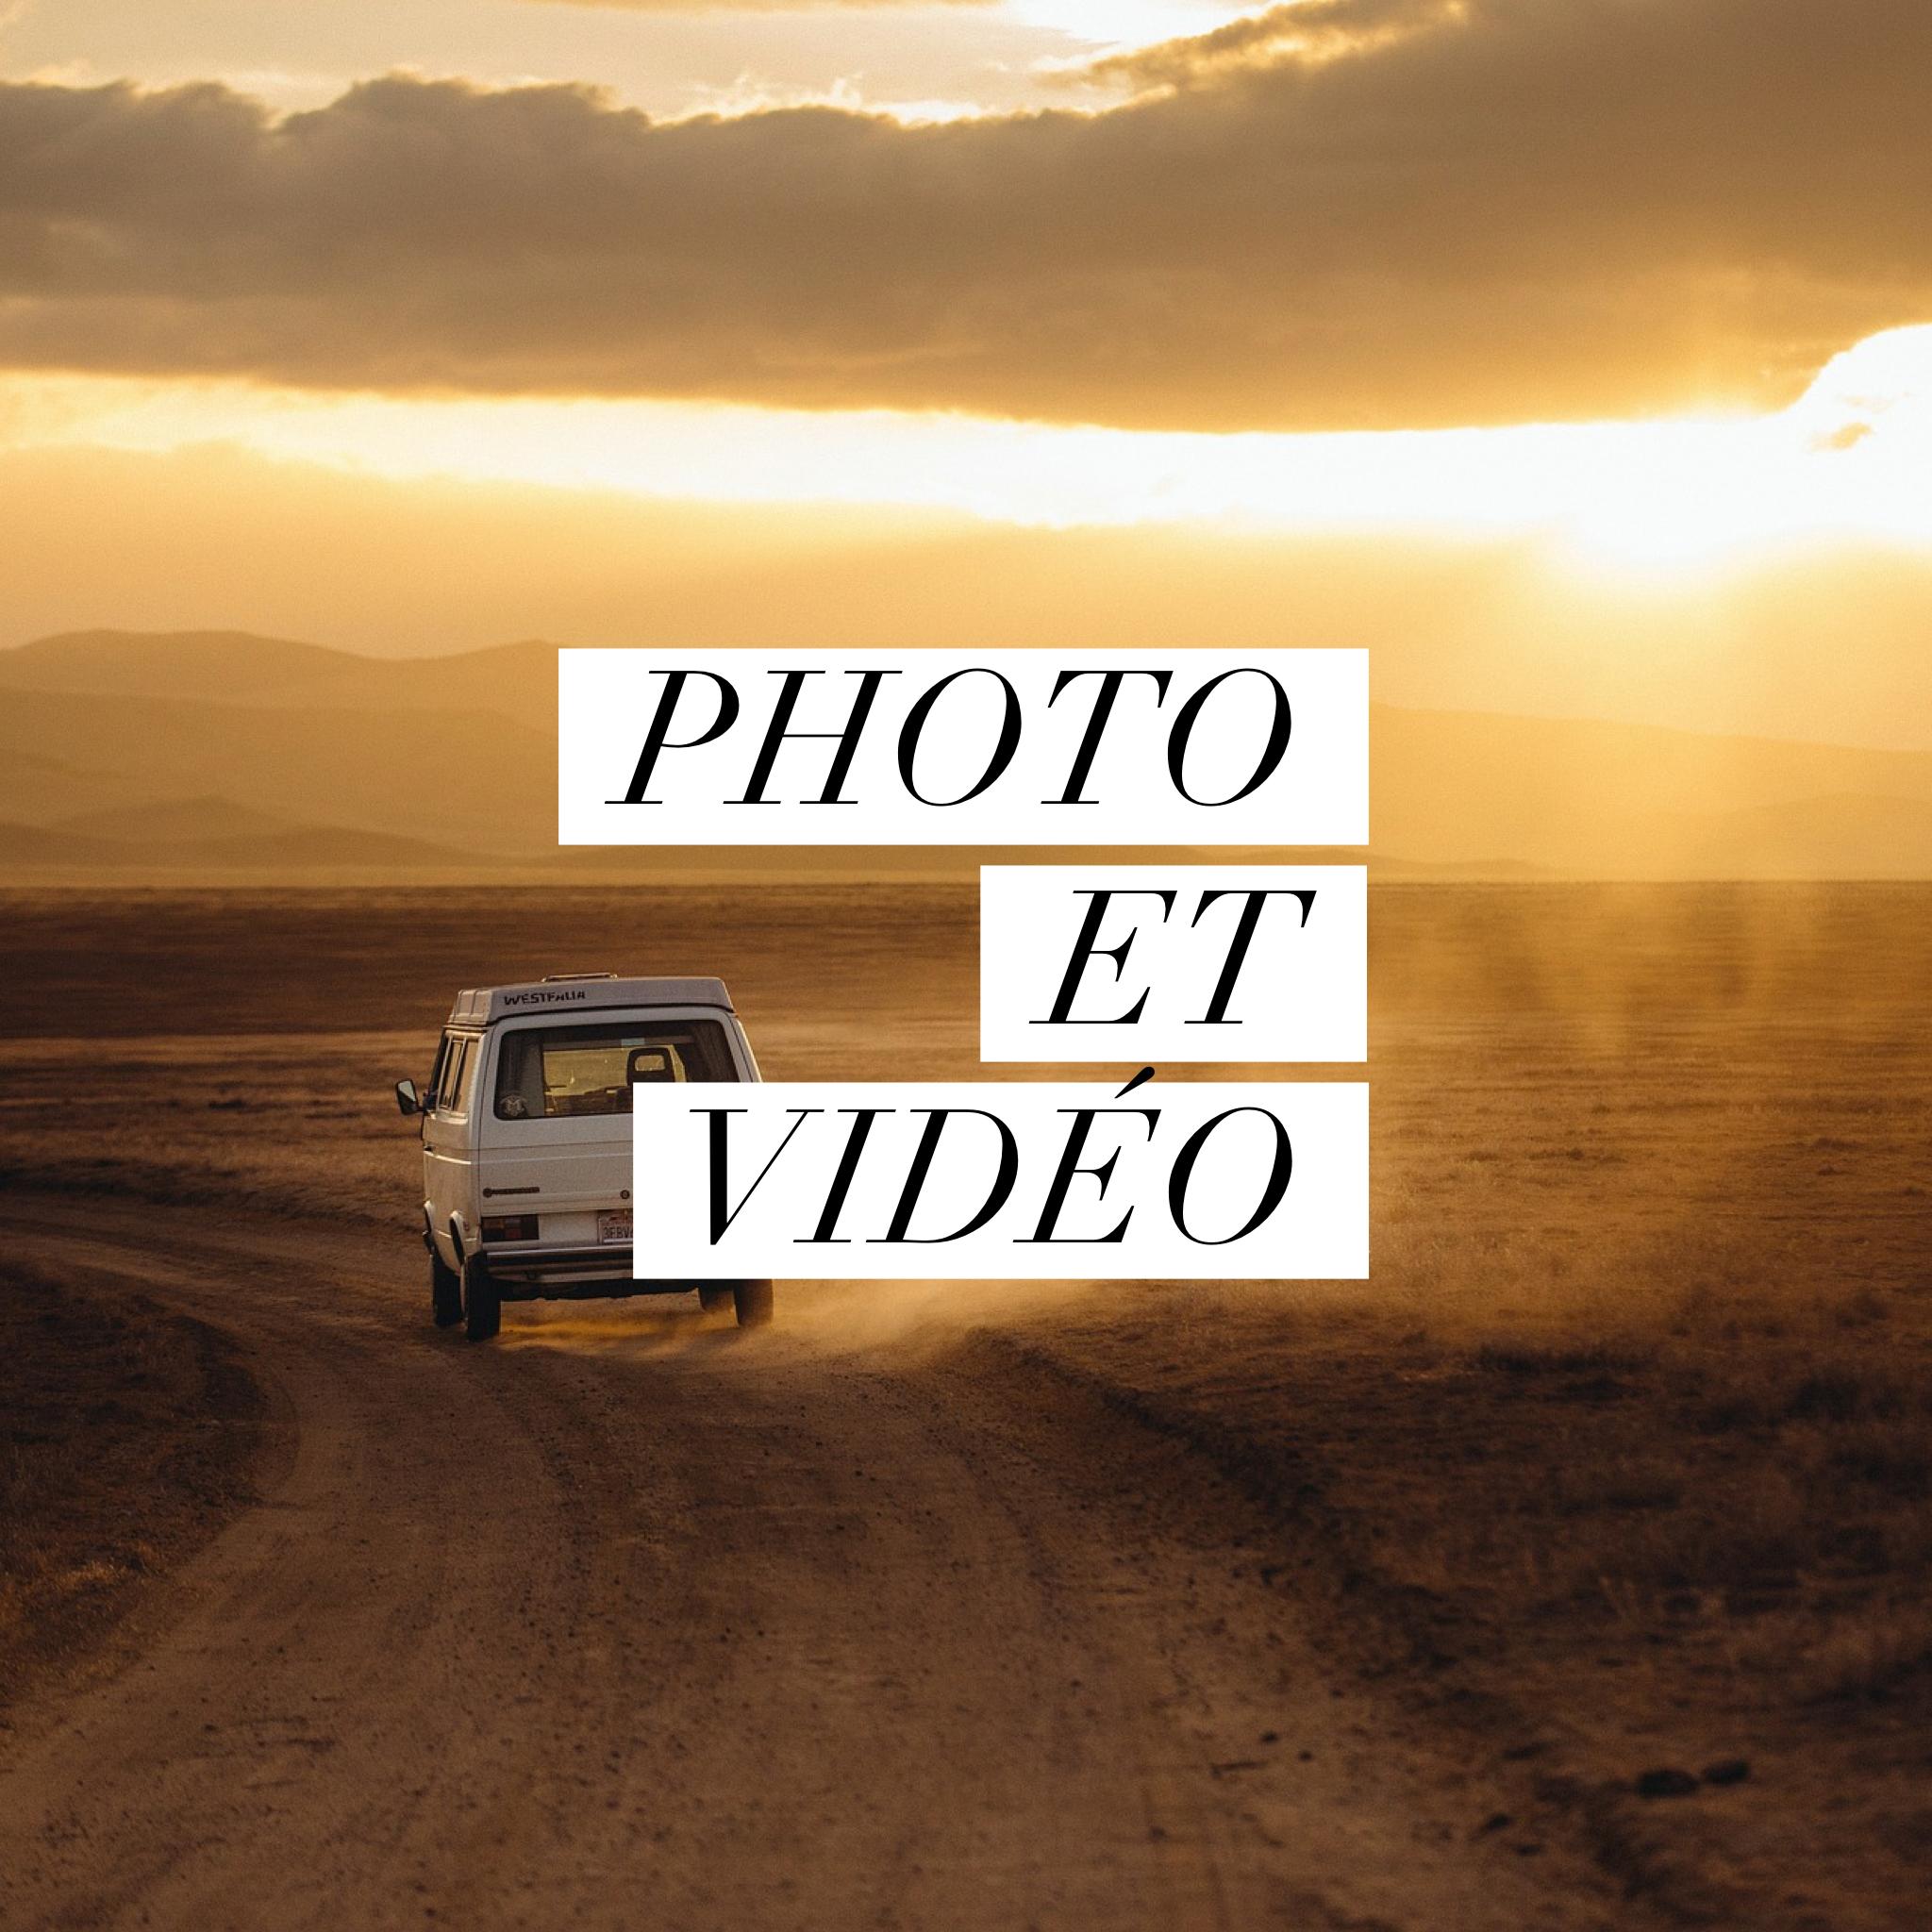 photo-et-video